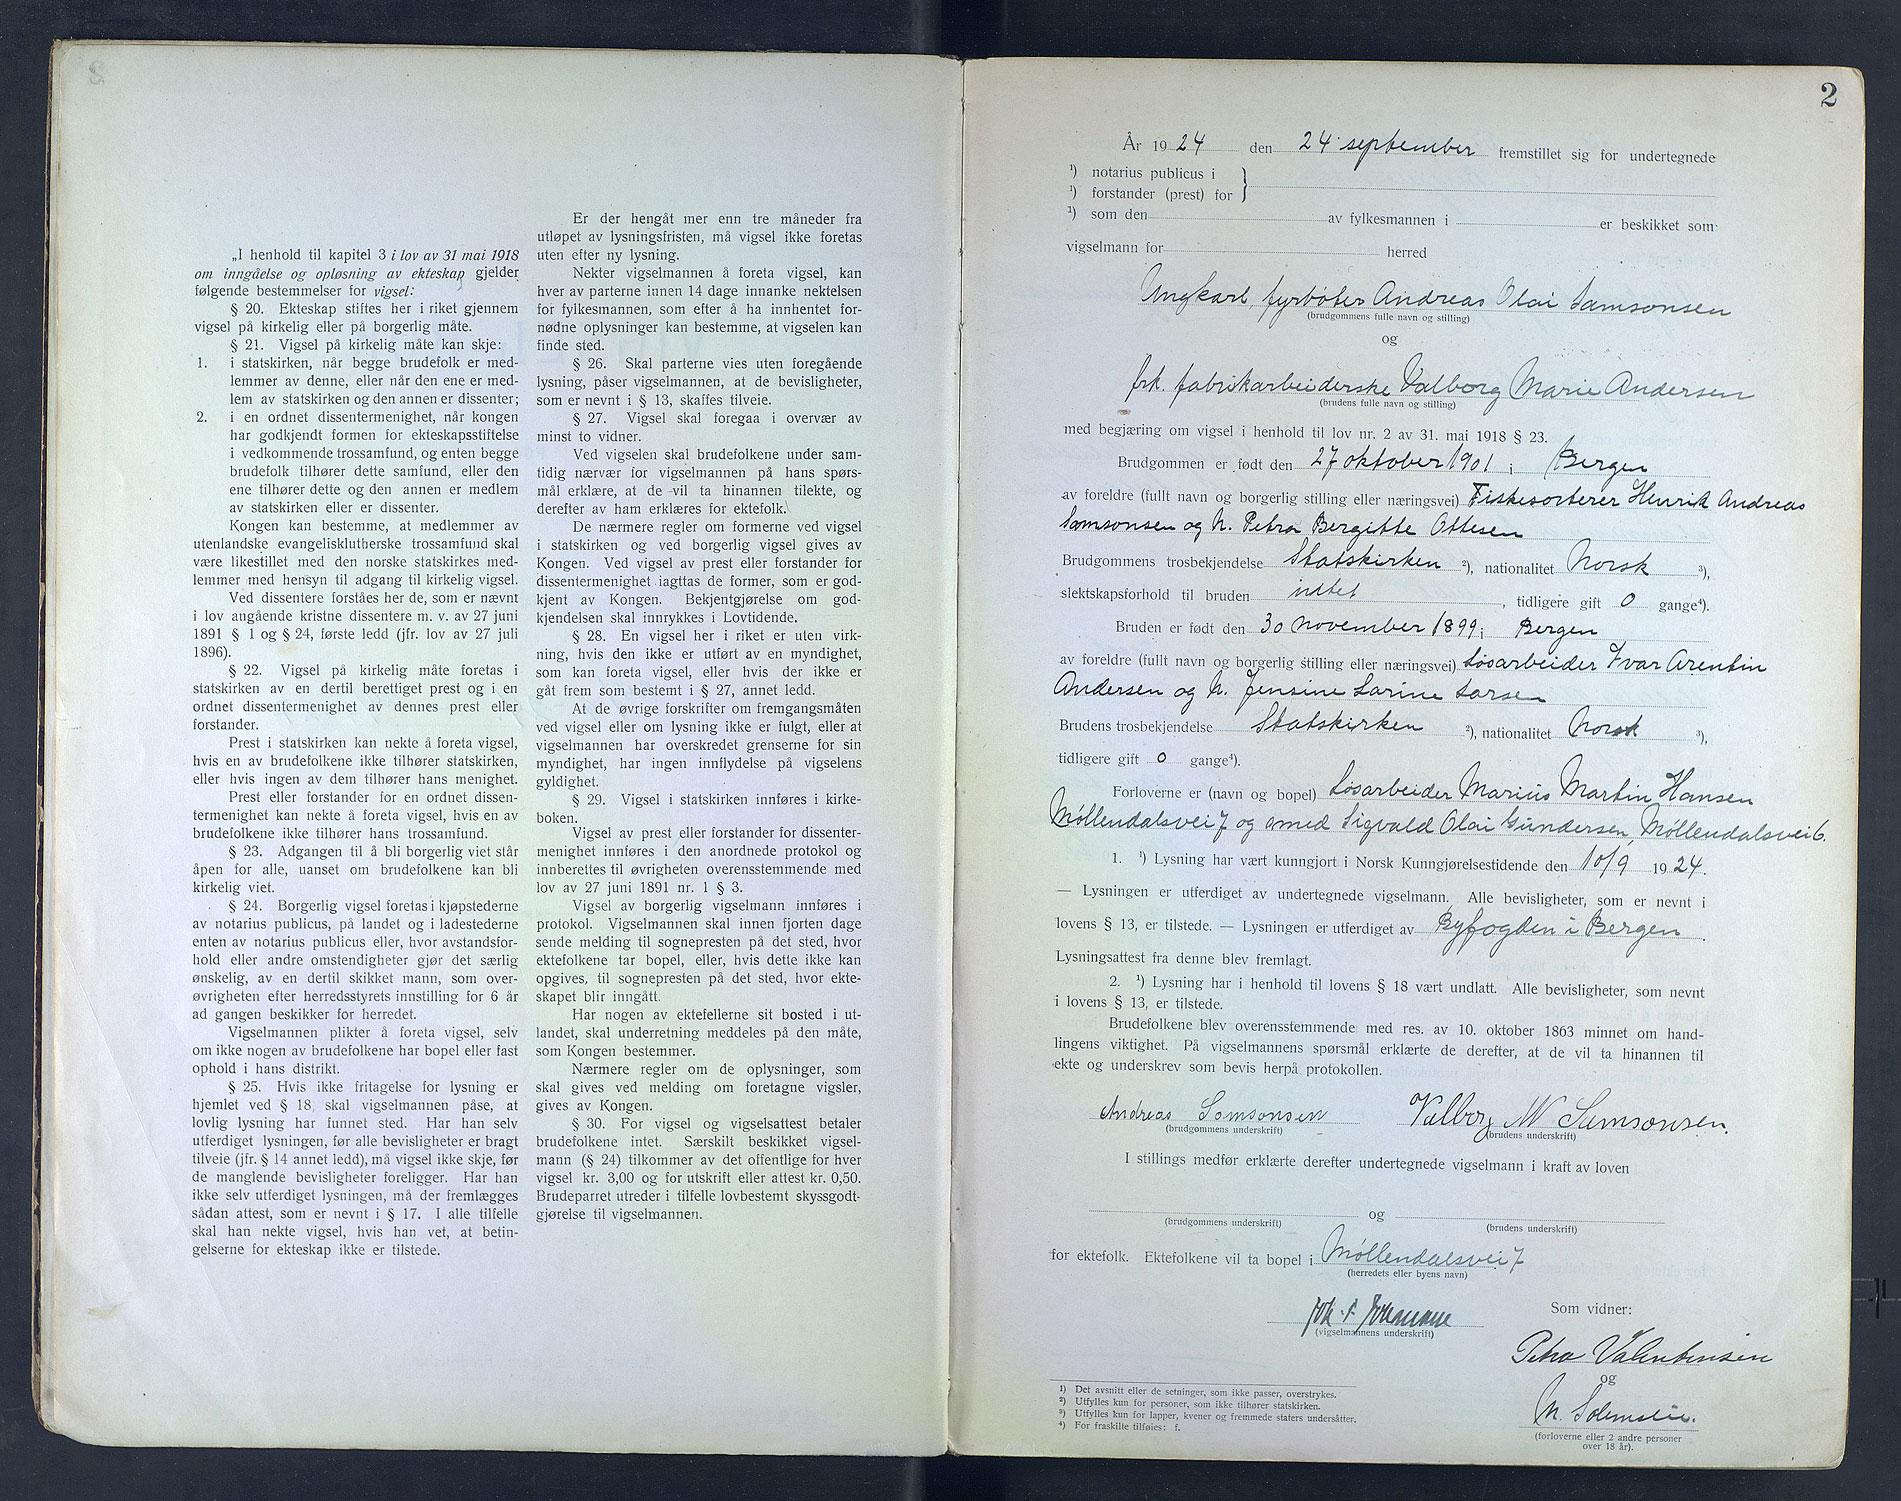 SAB, Byfogd og Byskriver i Bergen, 10/10F/L0003: Vielsesprotokoller, 1924-1927, s. 2